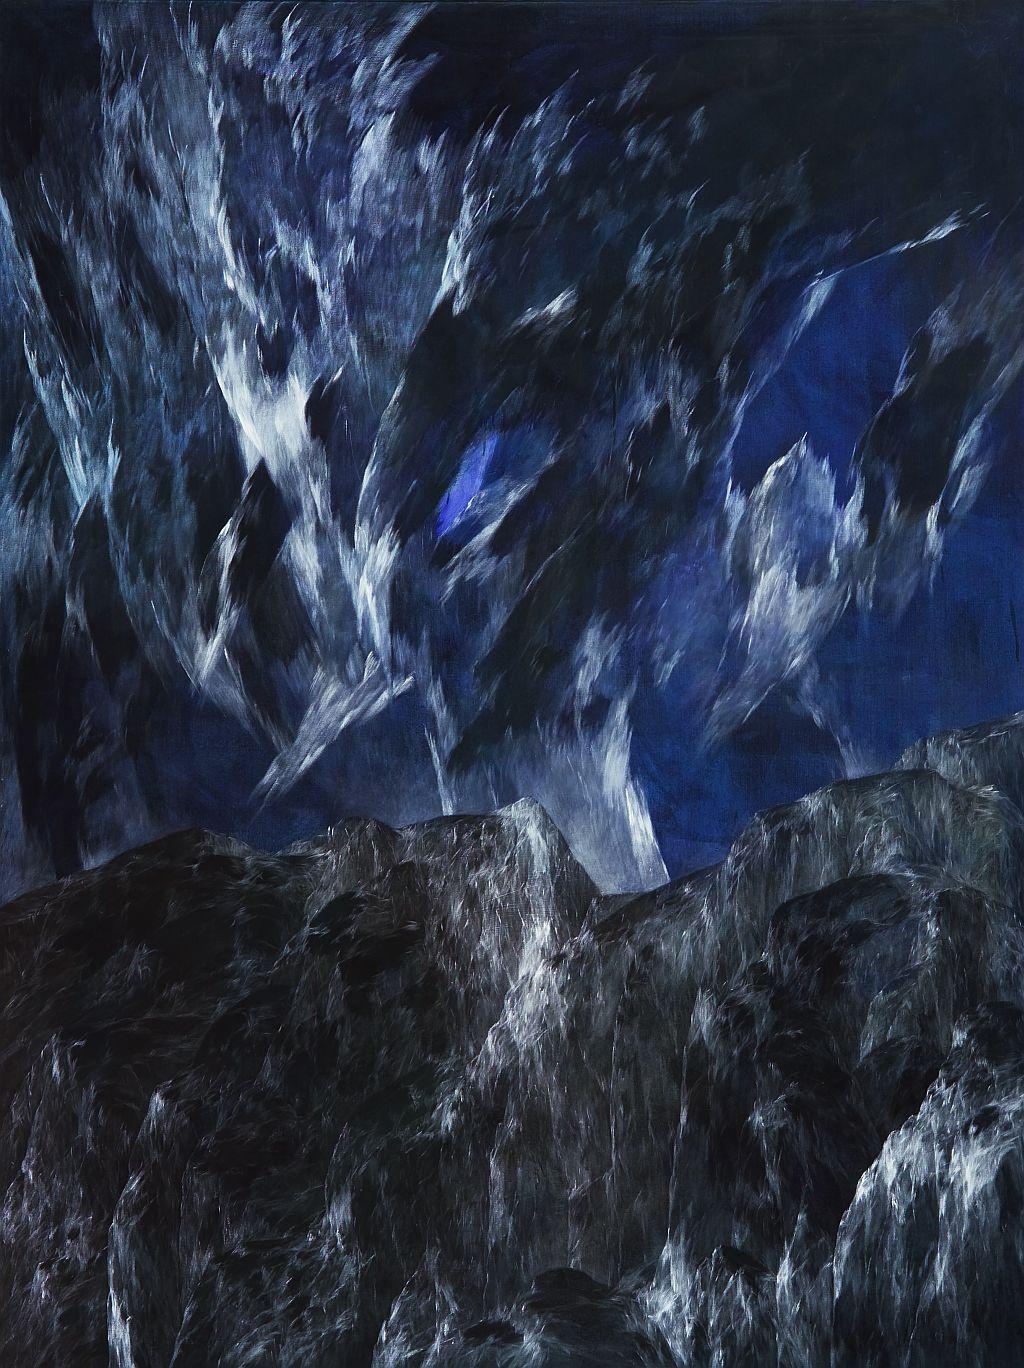 Josef Taucher, Zwielicht 5, 2004, Öl/Molino, 200 x 150 cm, Foto: W. Krug